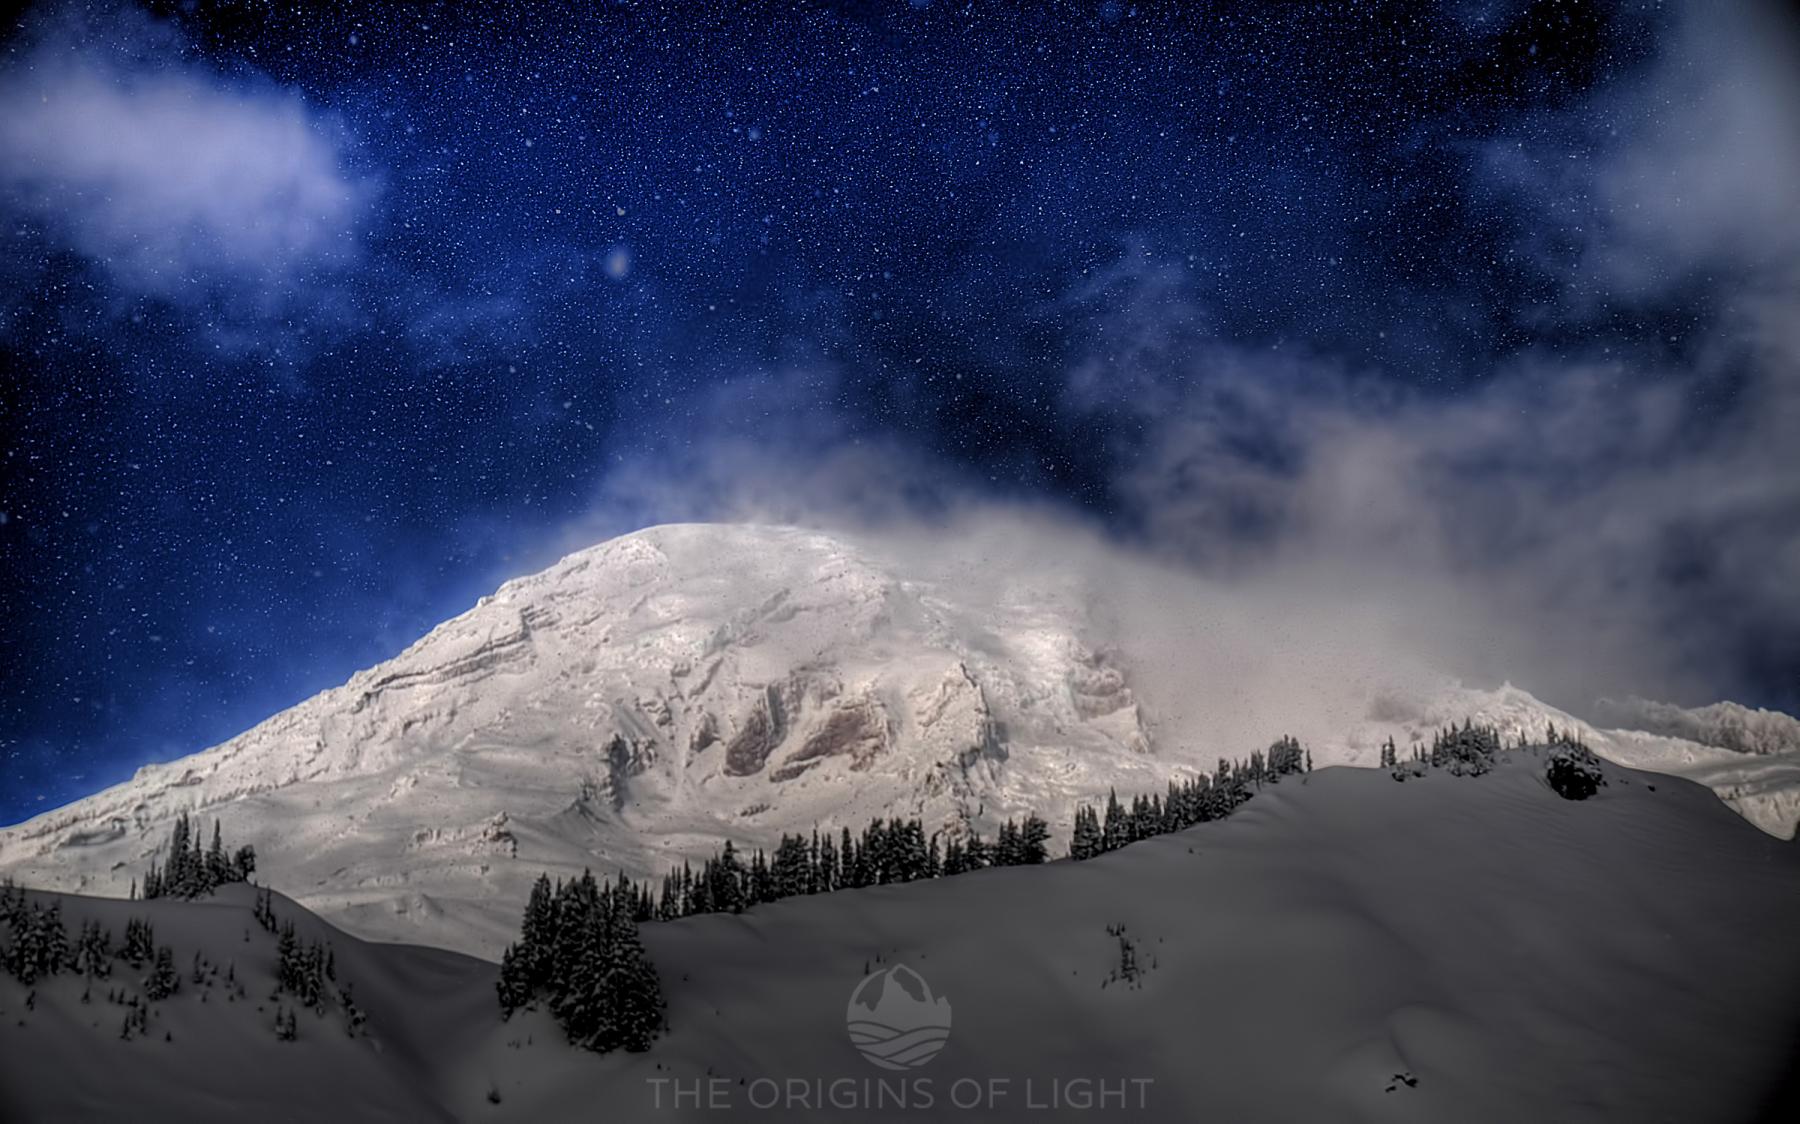 Mt. Rainier Snowy Sky